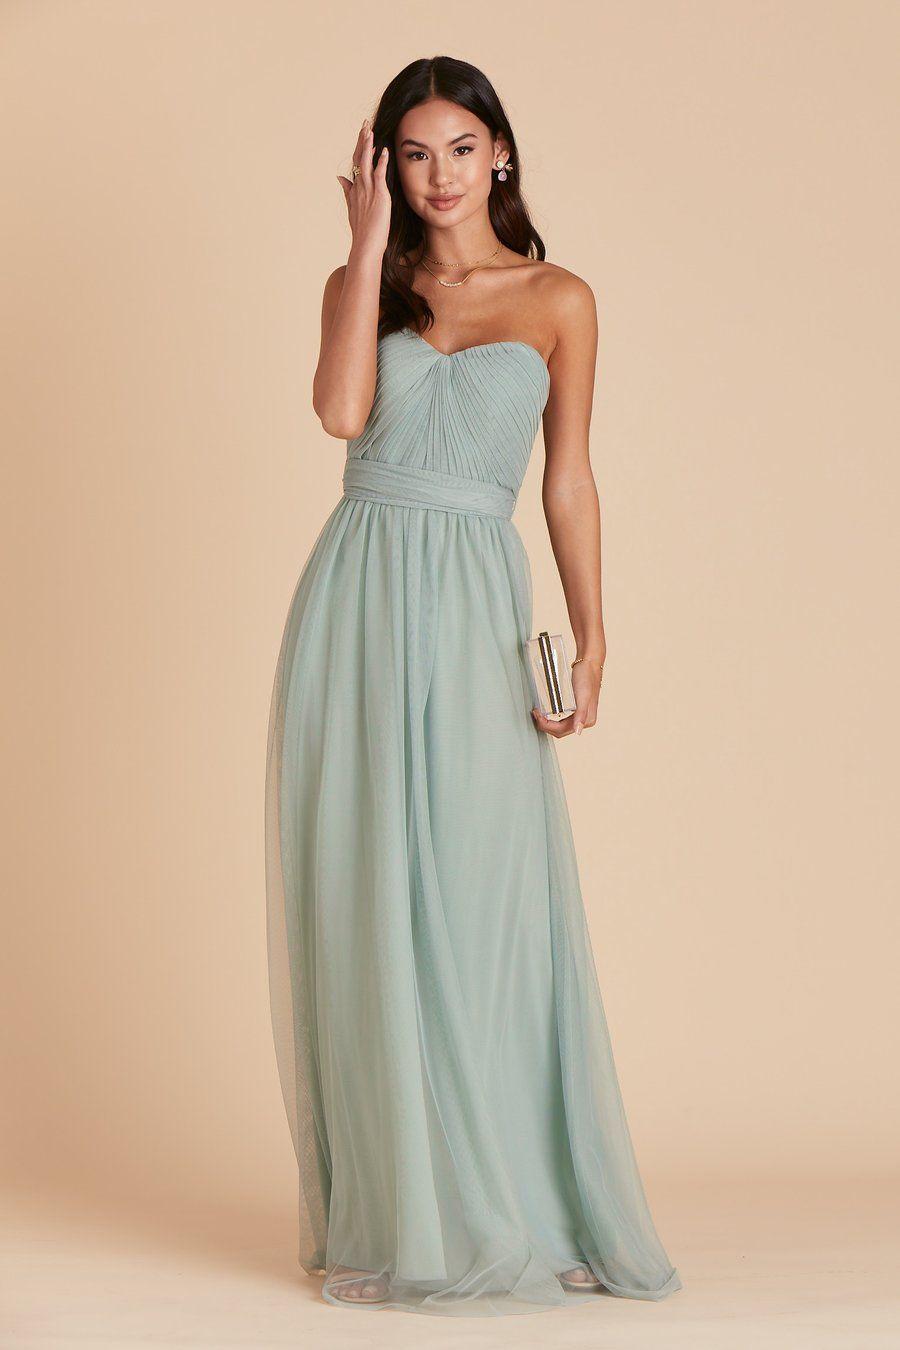 sage green tulle flower girl dress